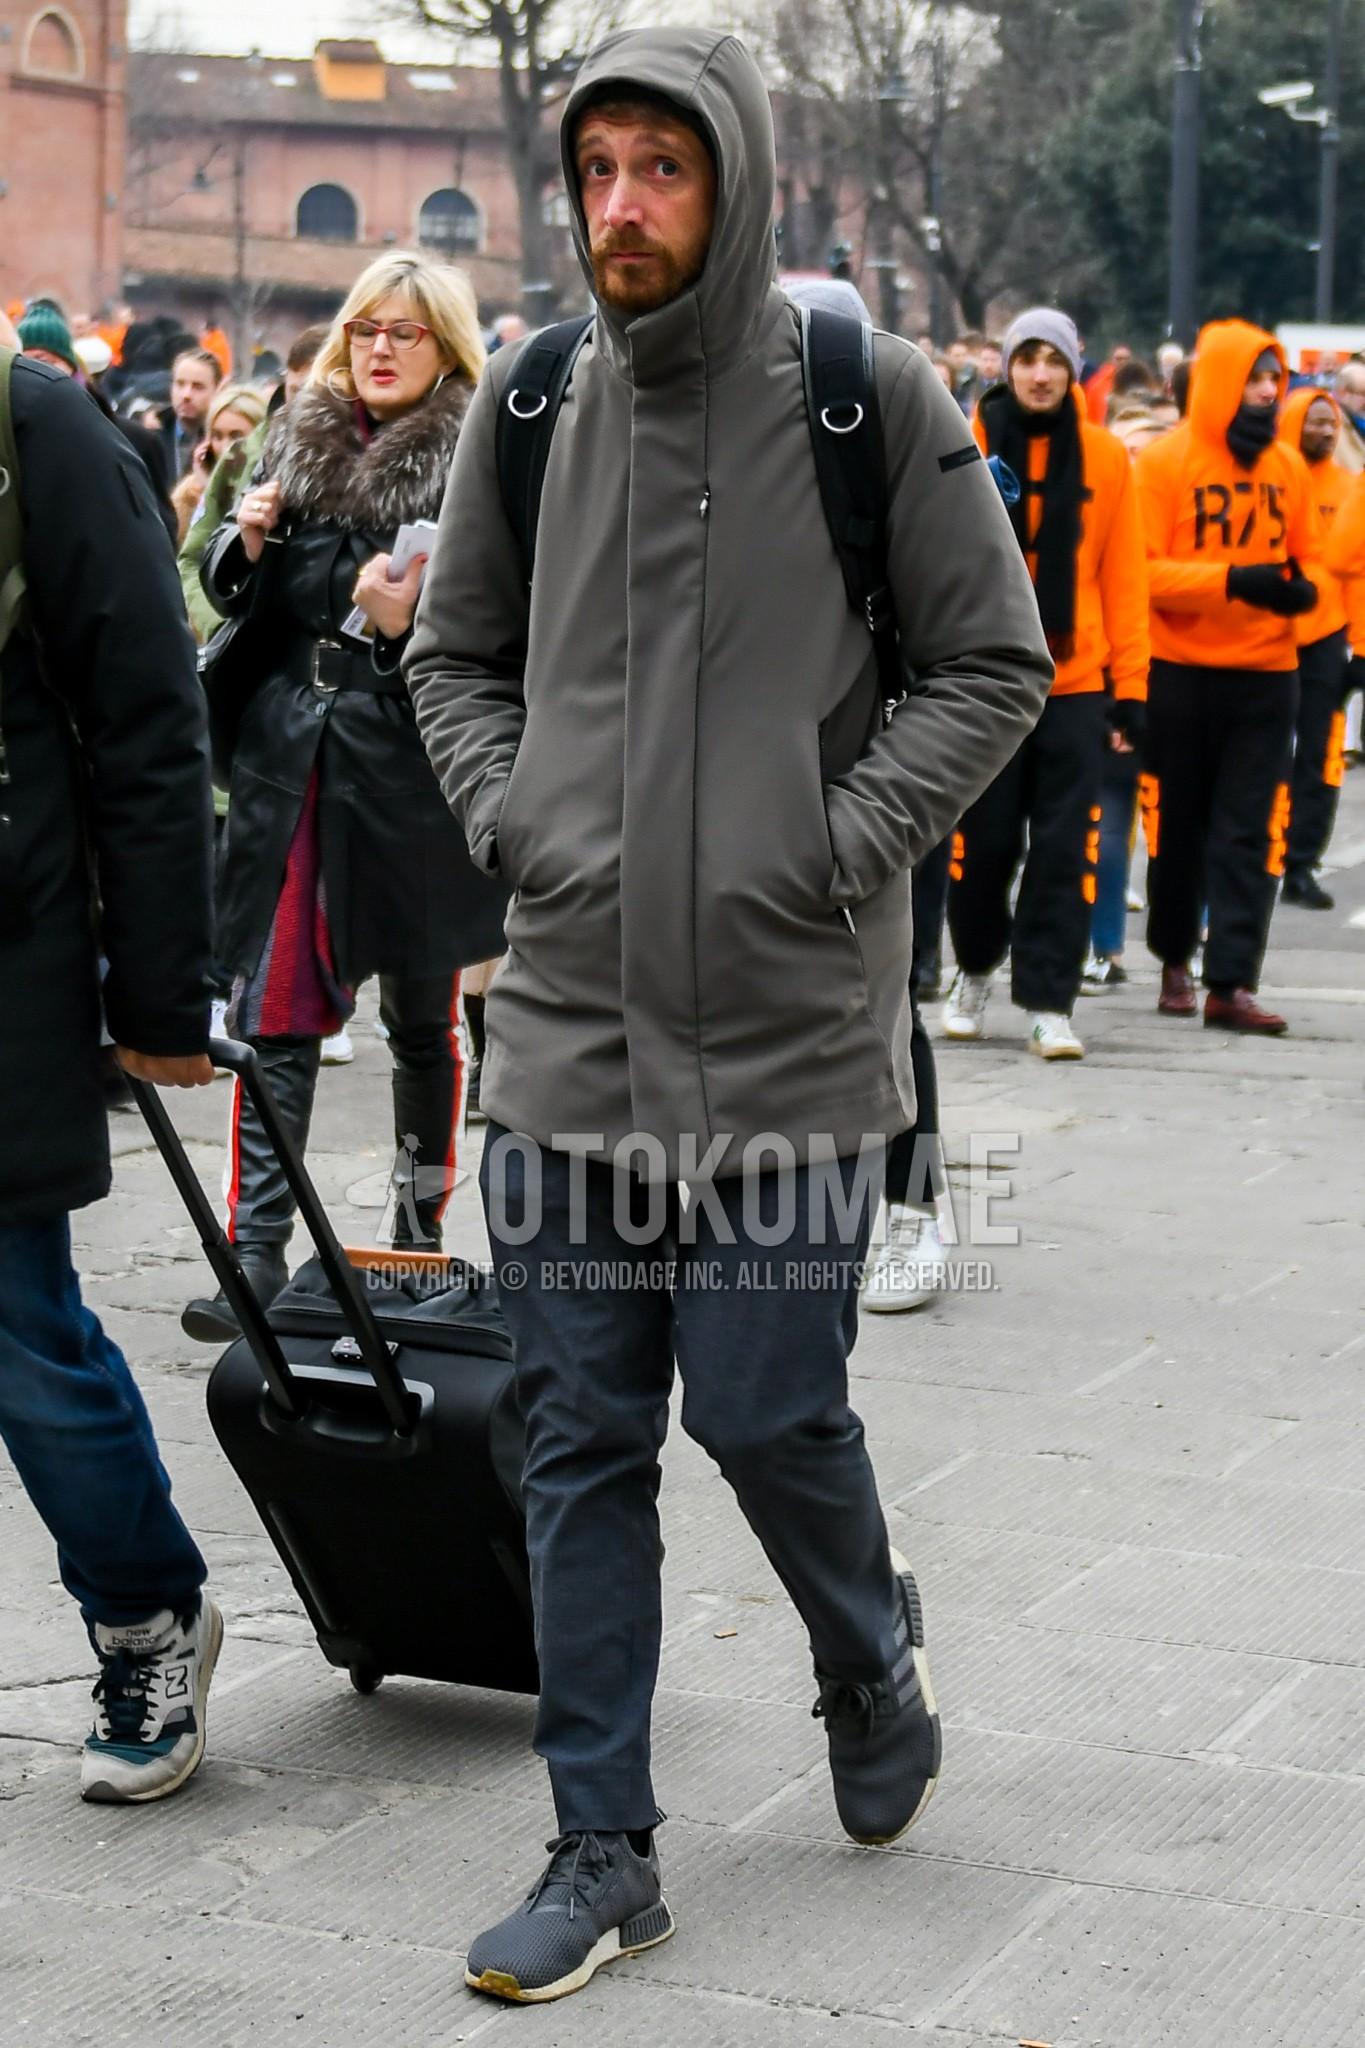 グレー無地のフーデッドコート、ネイビー無地のチノパン、アディダス NMDのグレーローカットのスニーカー、黒無地のバックパックを合わせた秋冬のメンズコーデ・着こなし。